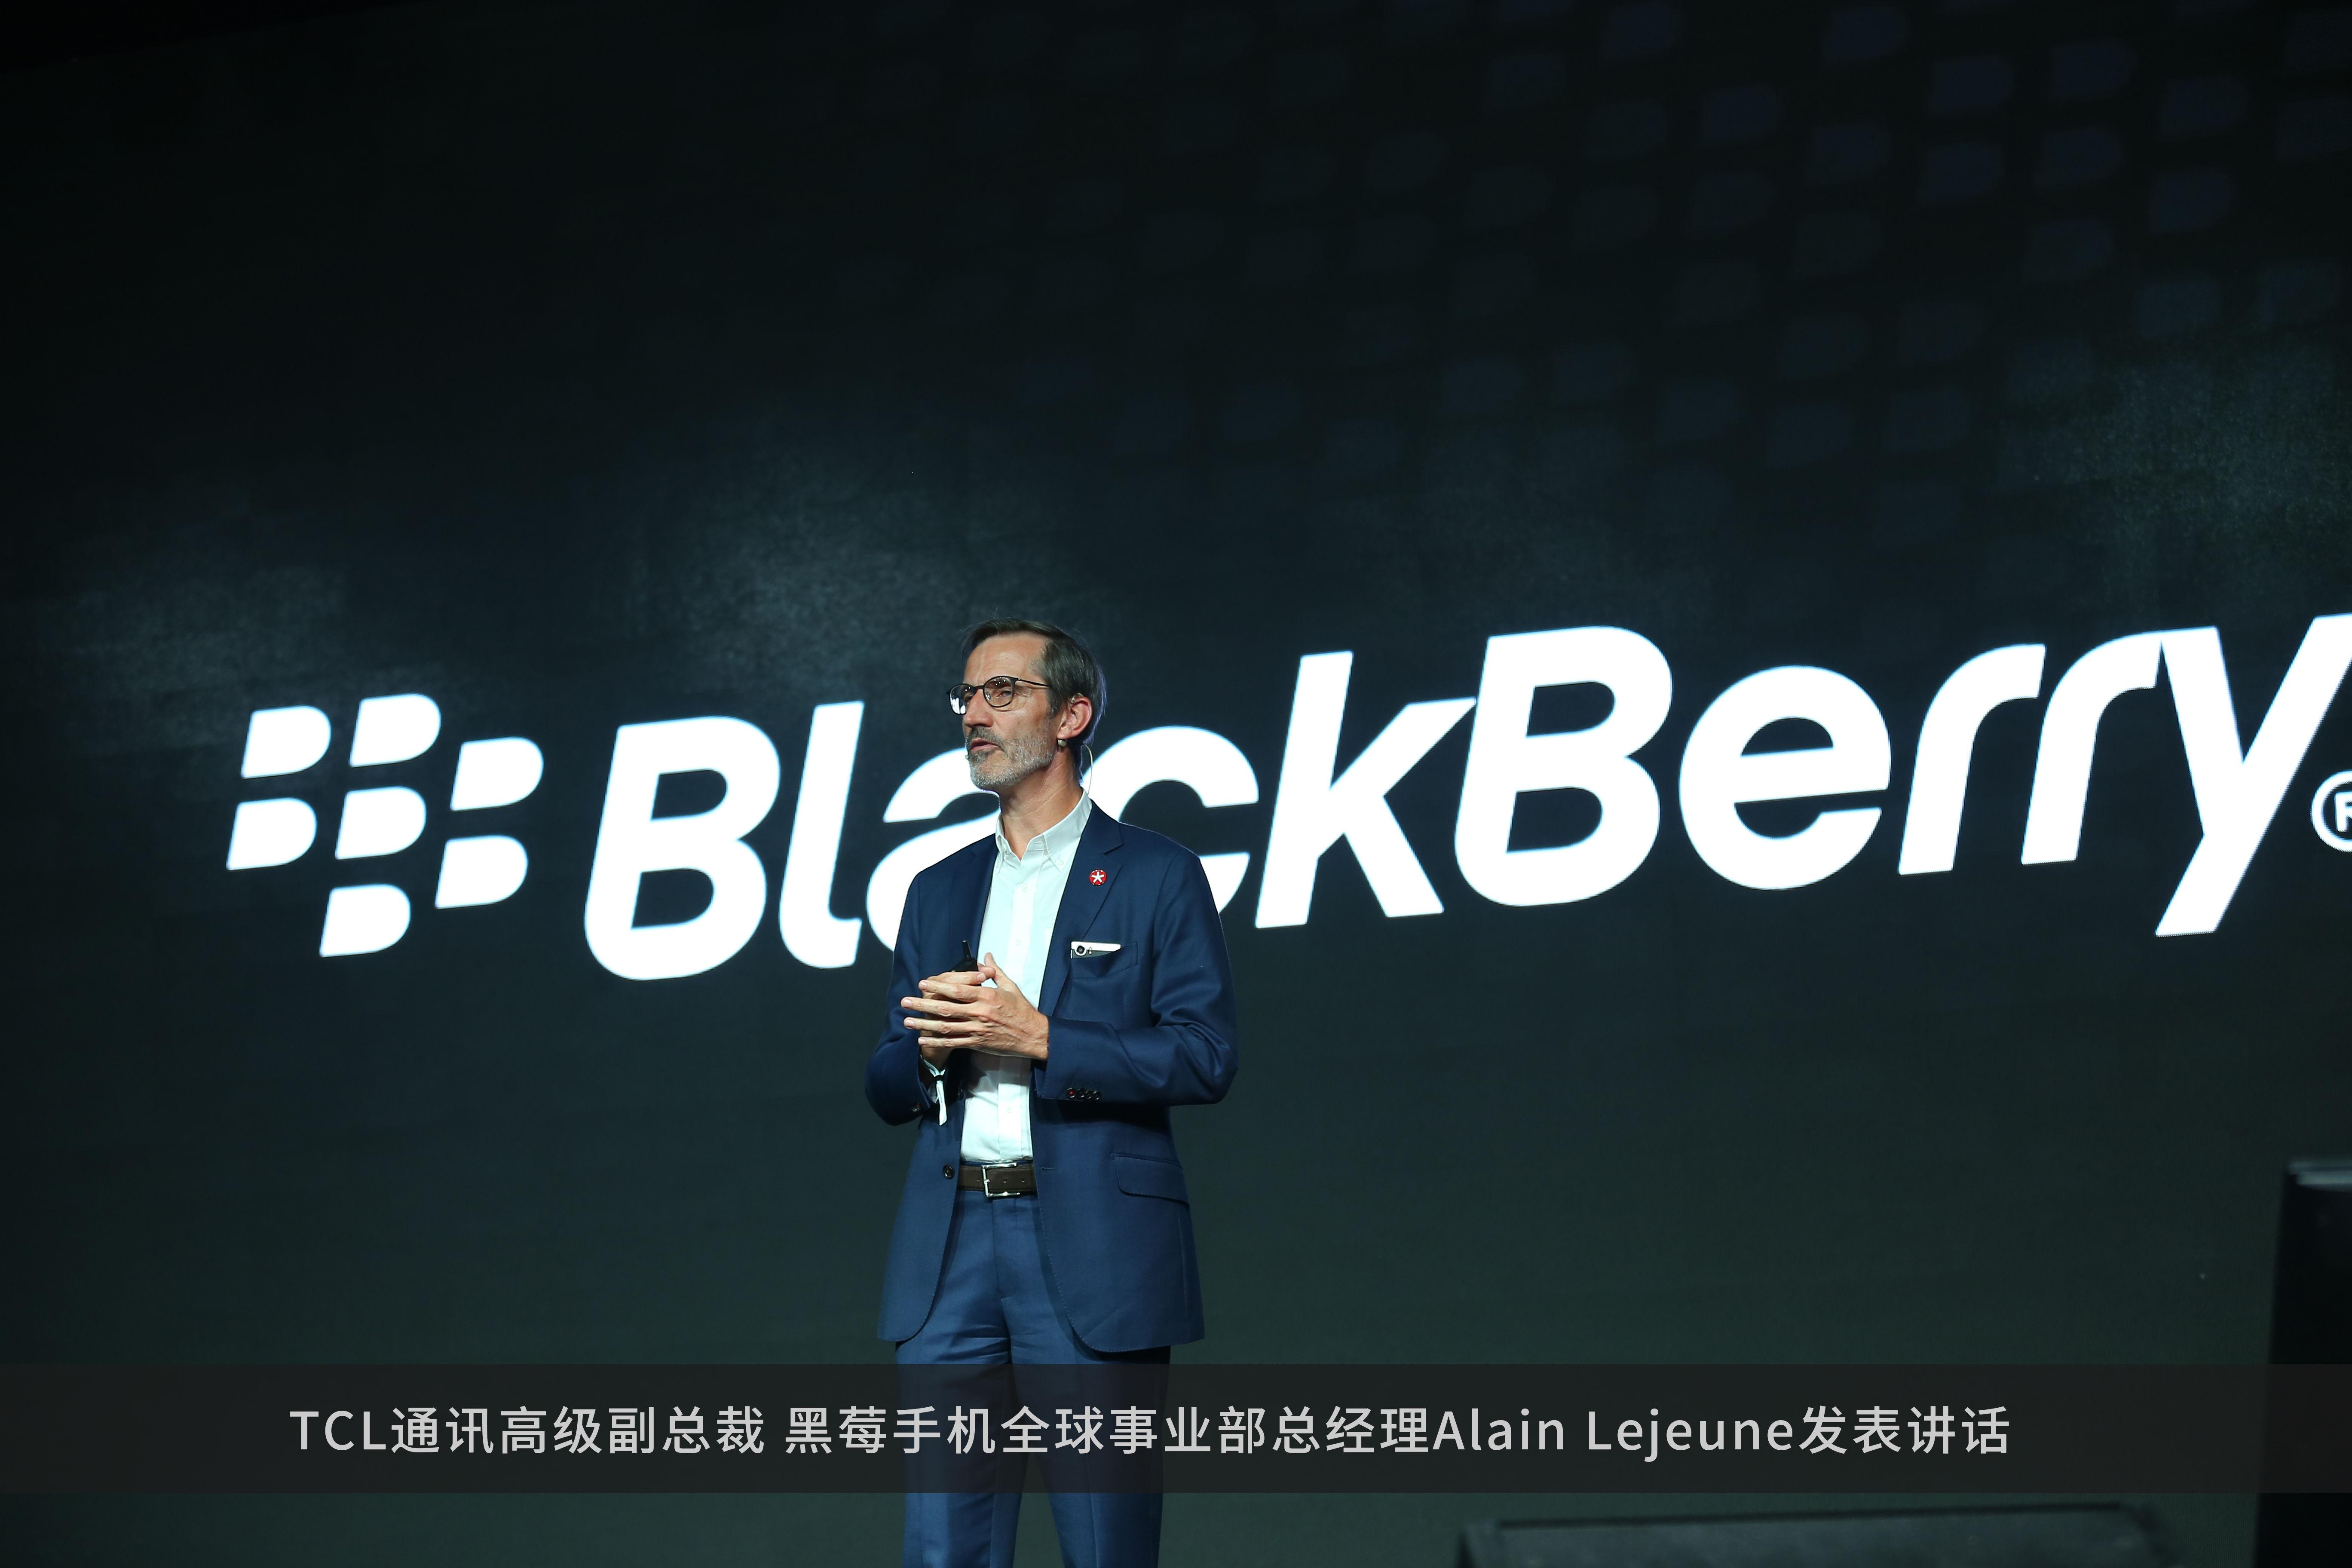 黑莓手机全球事业部总经理Alain Lejeune.jpg